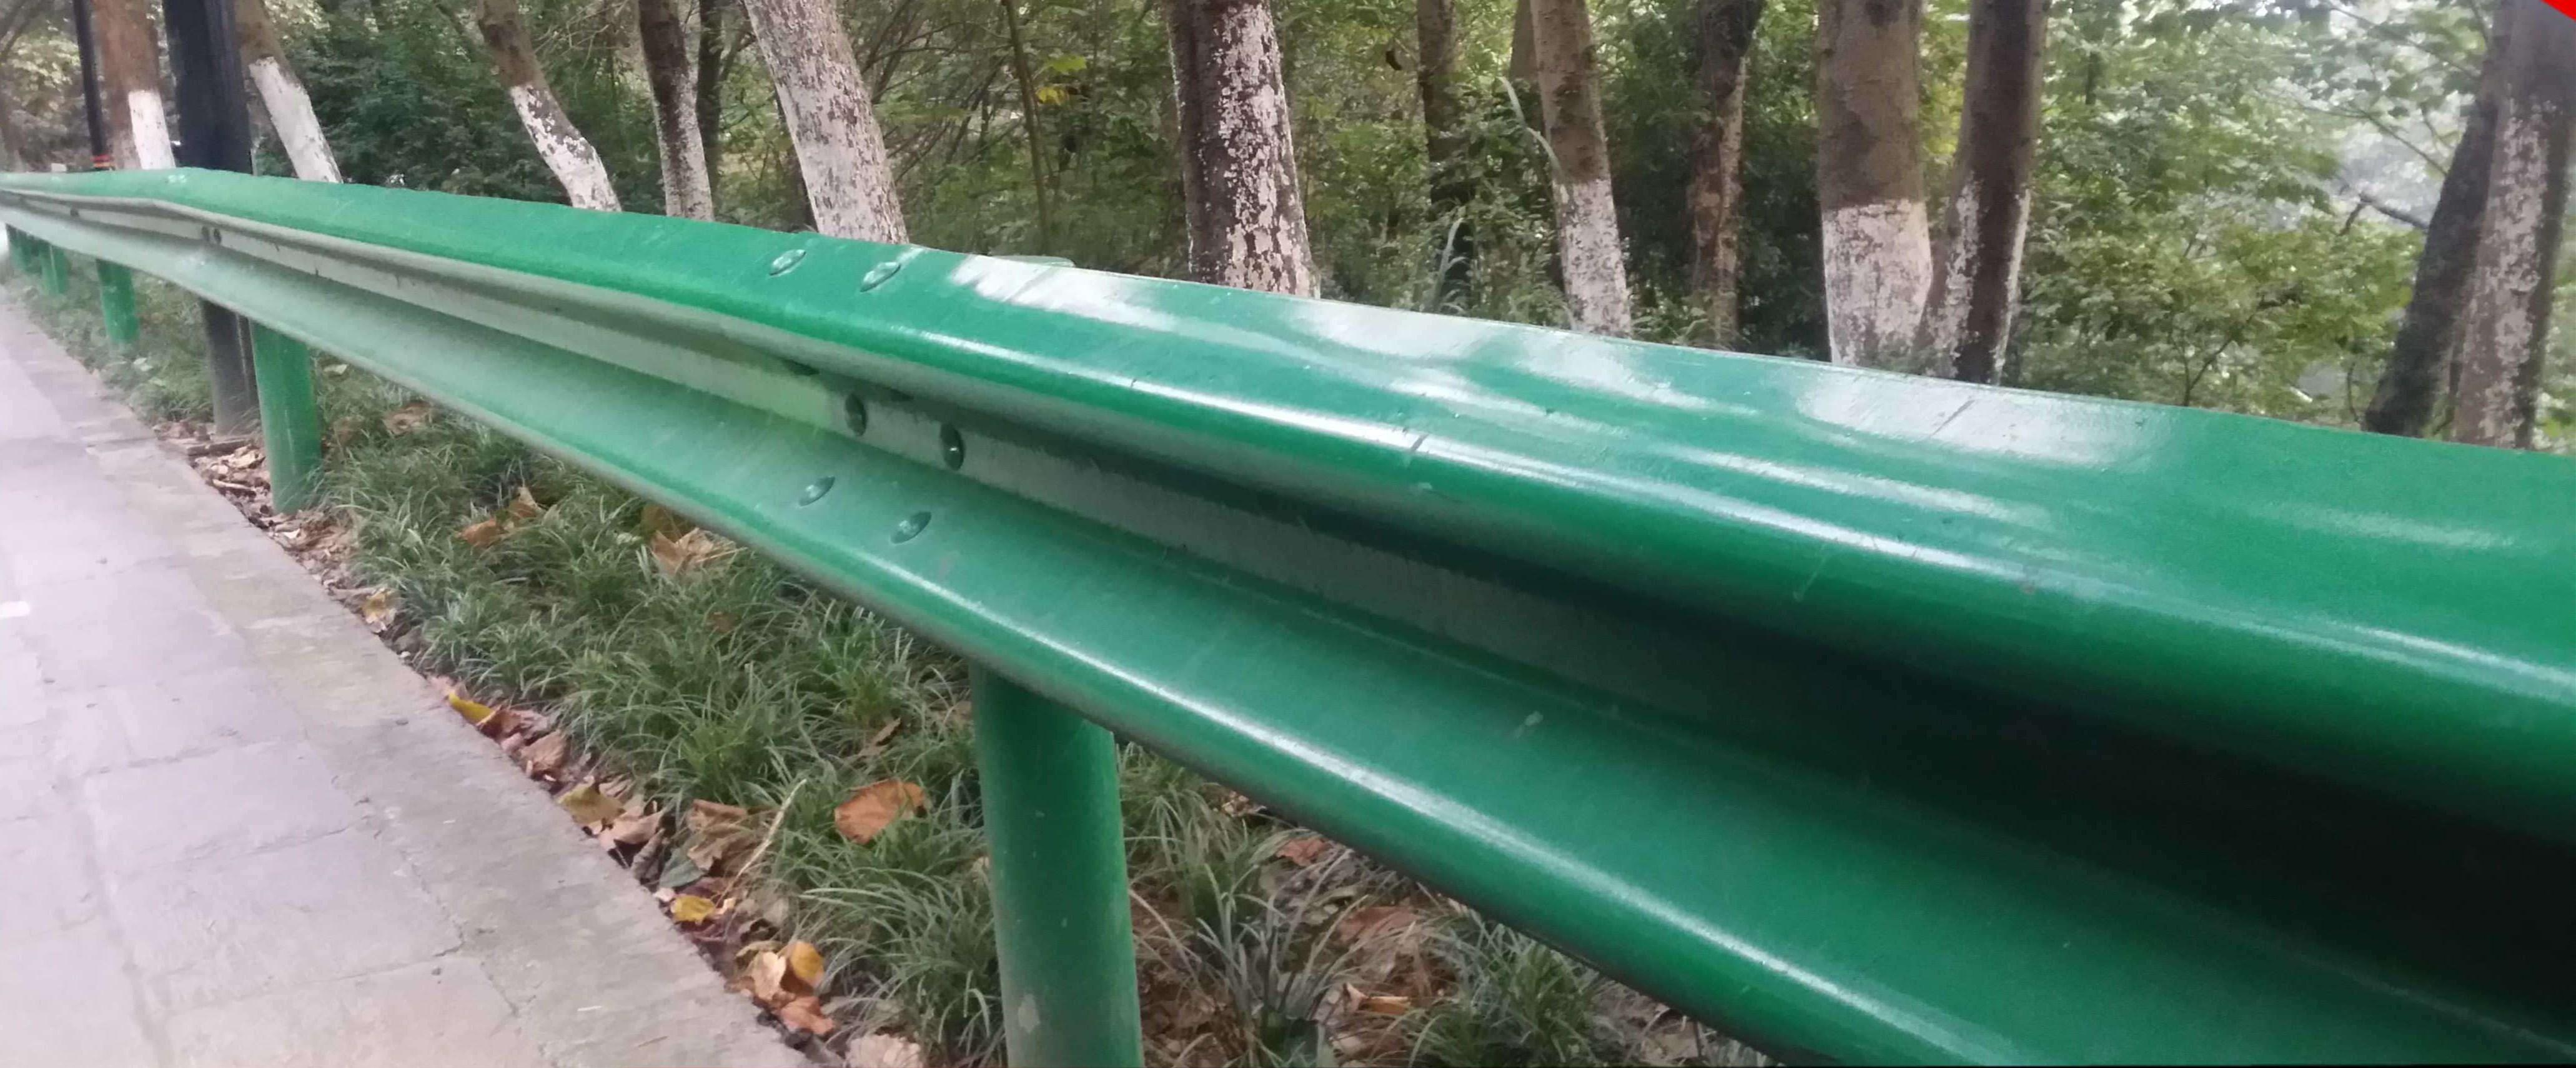 海达直销黄冈国标3.0波形防撞栏/乡镇公路波形护栏